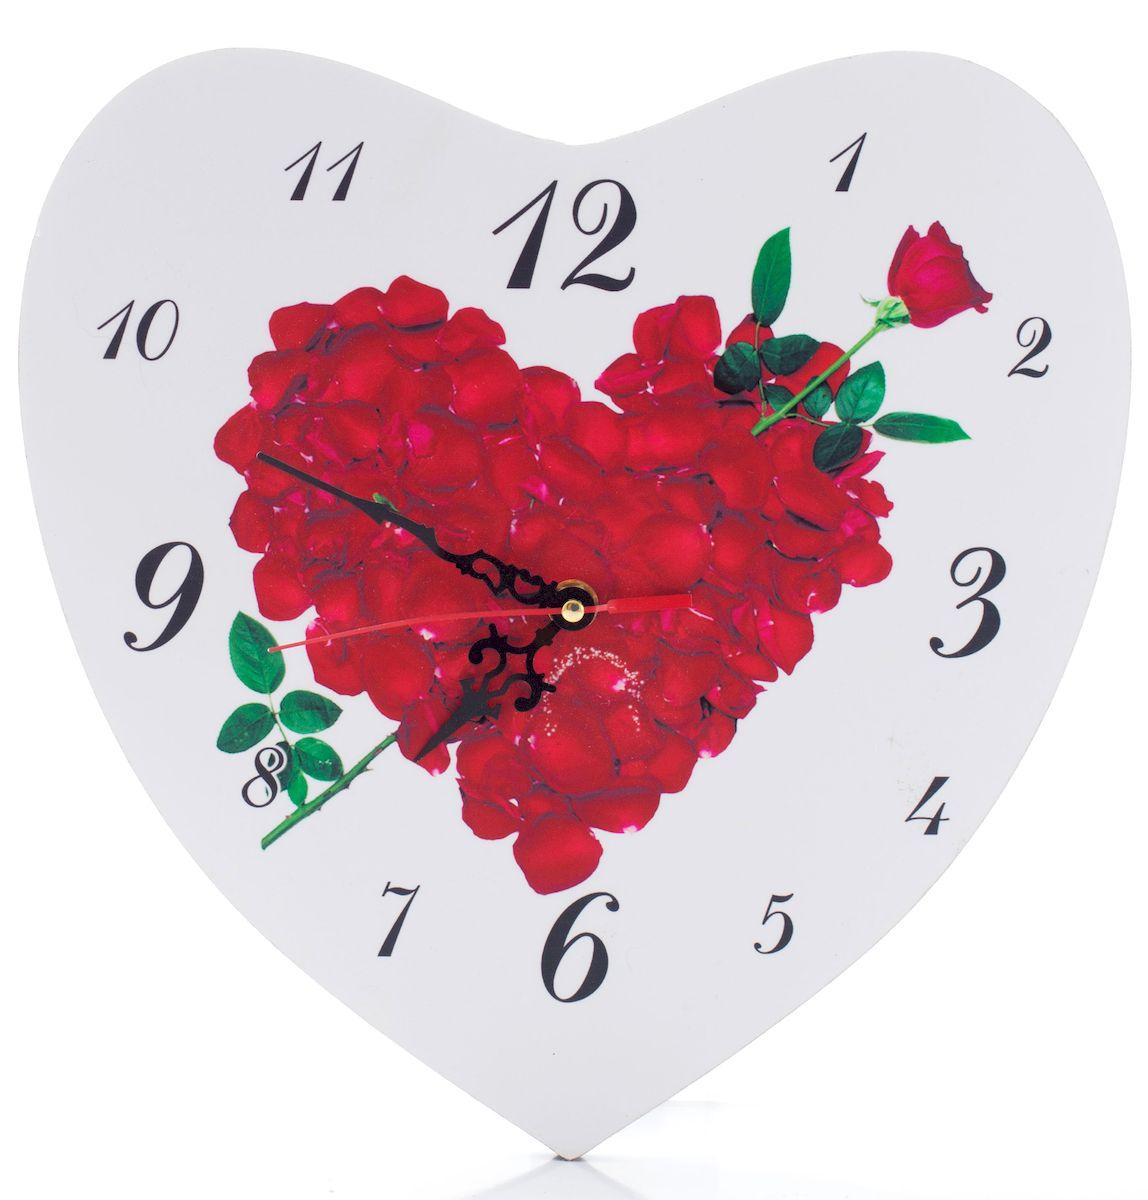 Часы настенные Русские Подарки Сердце, диаметр 30 см. 3824438244Настенные кварцевые часы Русские Подарки Сердце изготовлены из МДФ. Корпус оригинально оформлен в виде сердечка. Часы имеют три стрелки - часовую, минутную и секундную. С обратной стороны имеется петелька для подвешивания на стену. Такие часы красиво и необычно оформят интерьер дома или офиса. Также часы могут стать уникальным, полезным подарком для родственников, коллег, знакомых и близких. Часы работают от батареек типа АА (в комплект не входят).